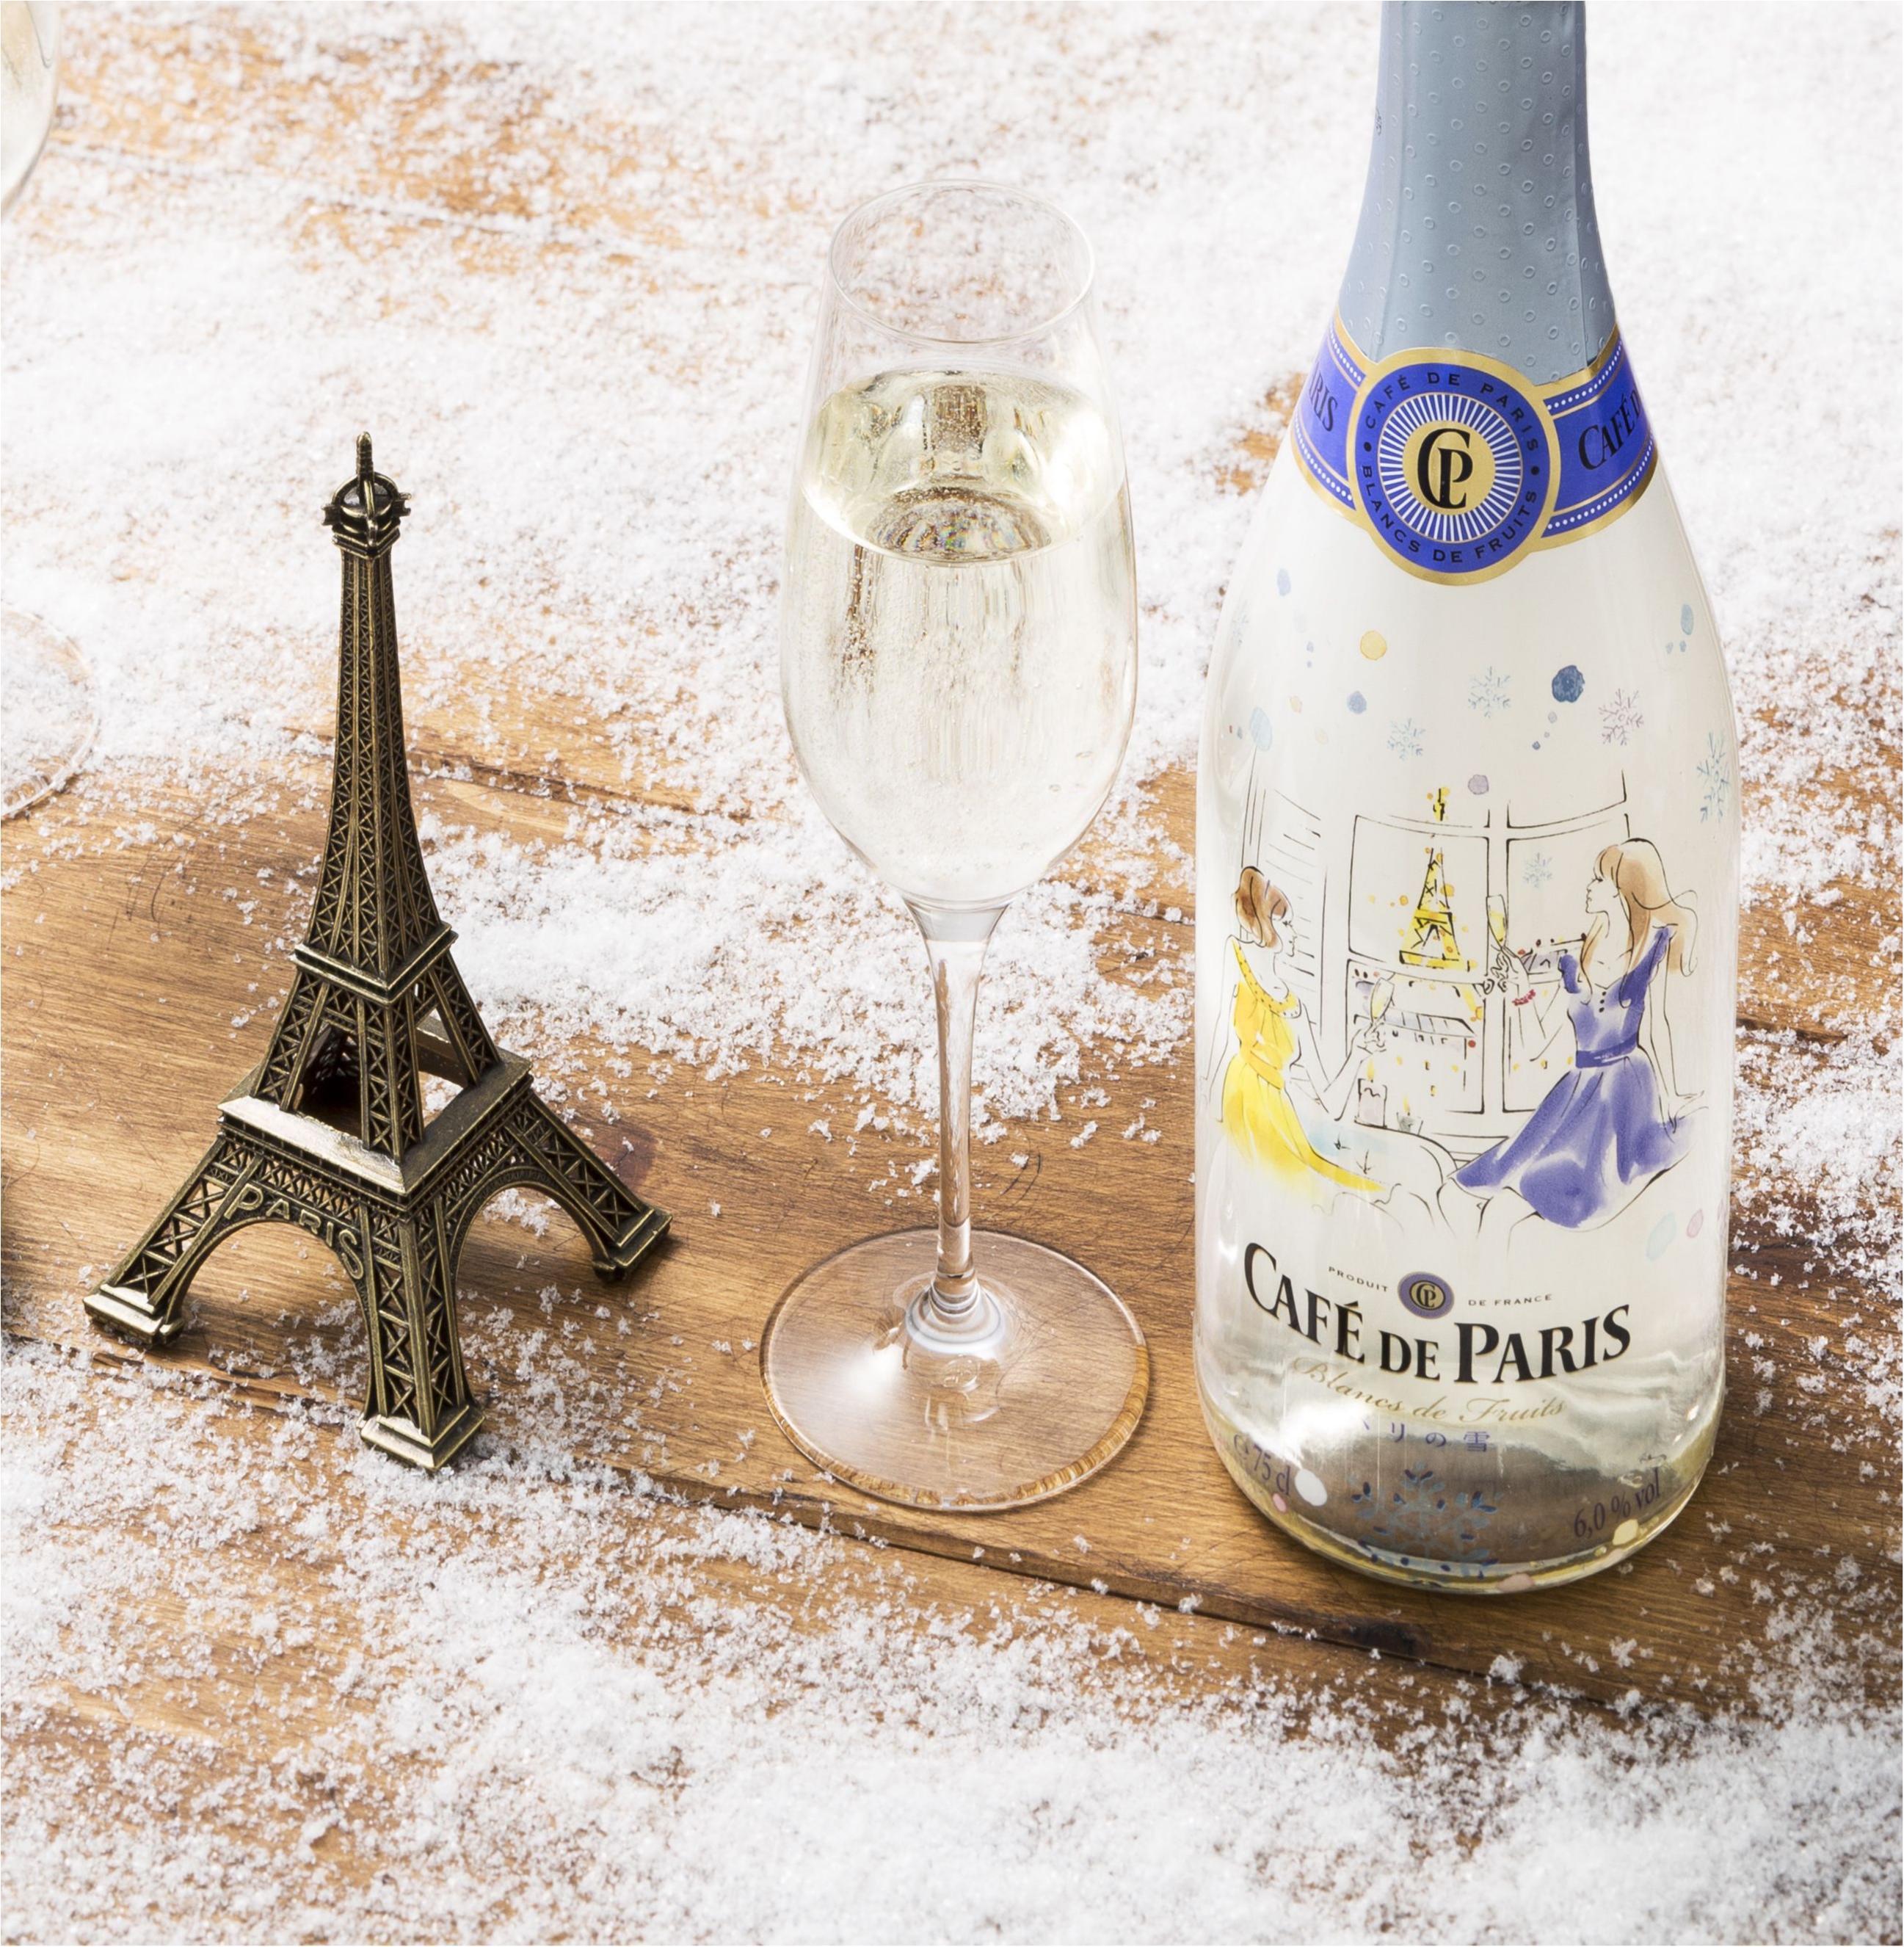 ホームパーティにうってつけ! スパークリングワイン『カフェ・ド・パリ パリの雪』が今年も登場☆_1